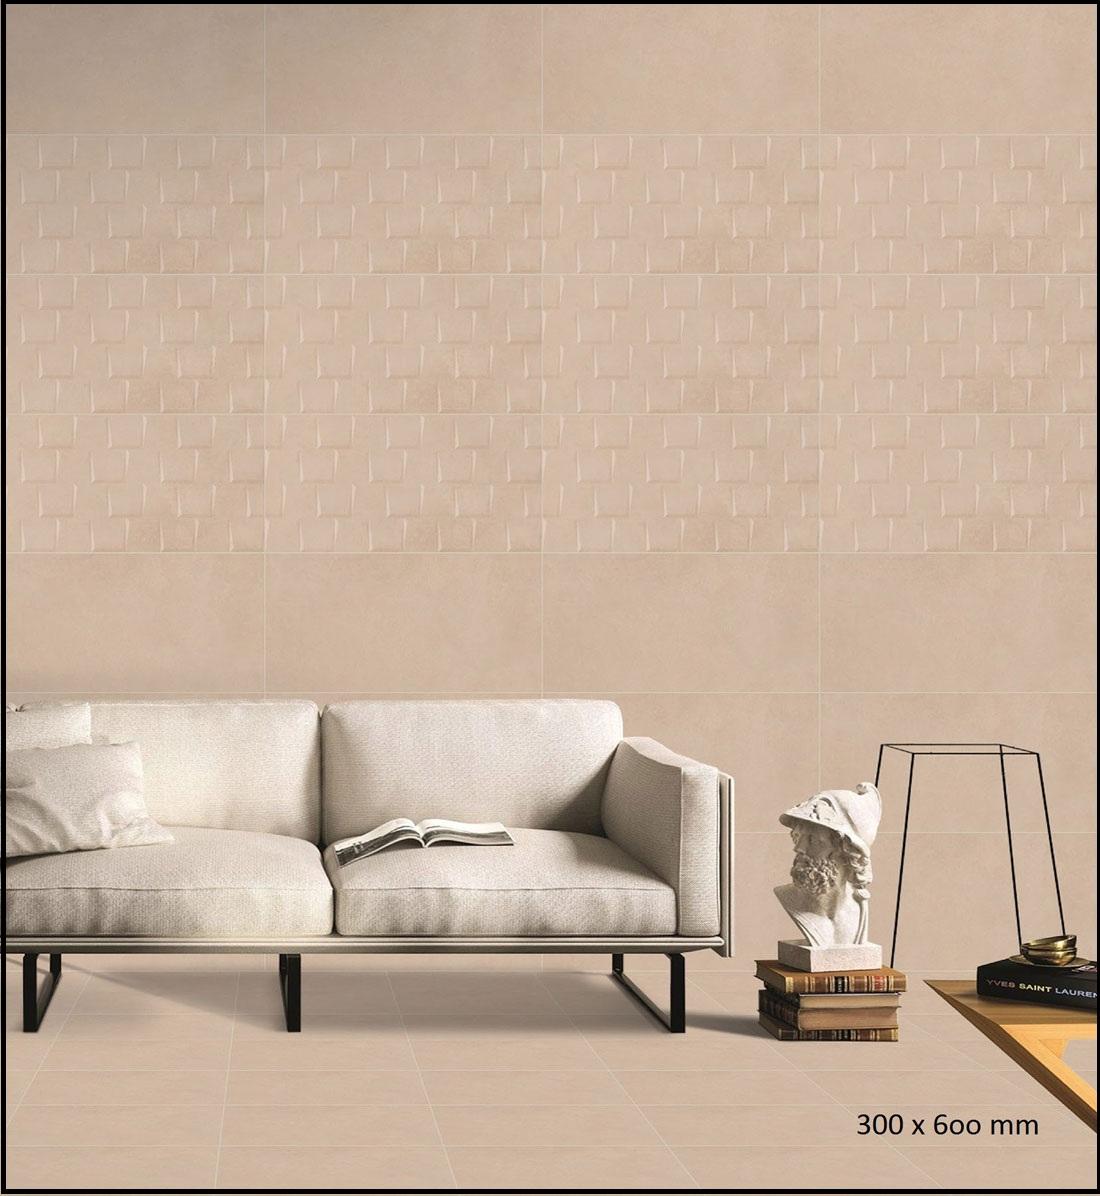 Size of porcelain tile |  Standard Porcelain Tile Size